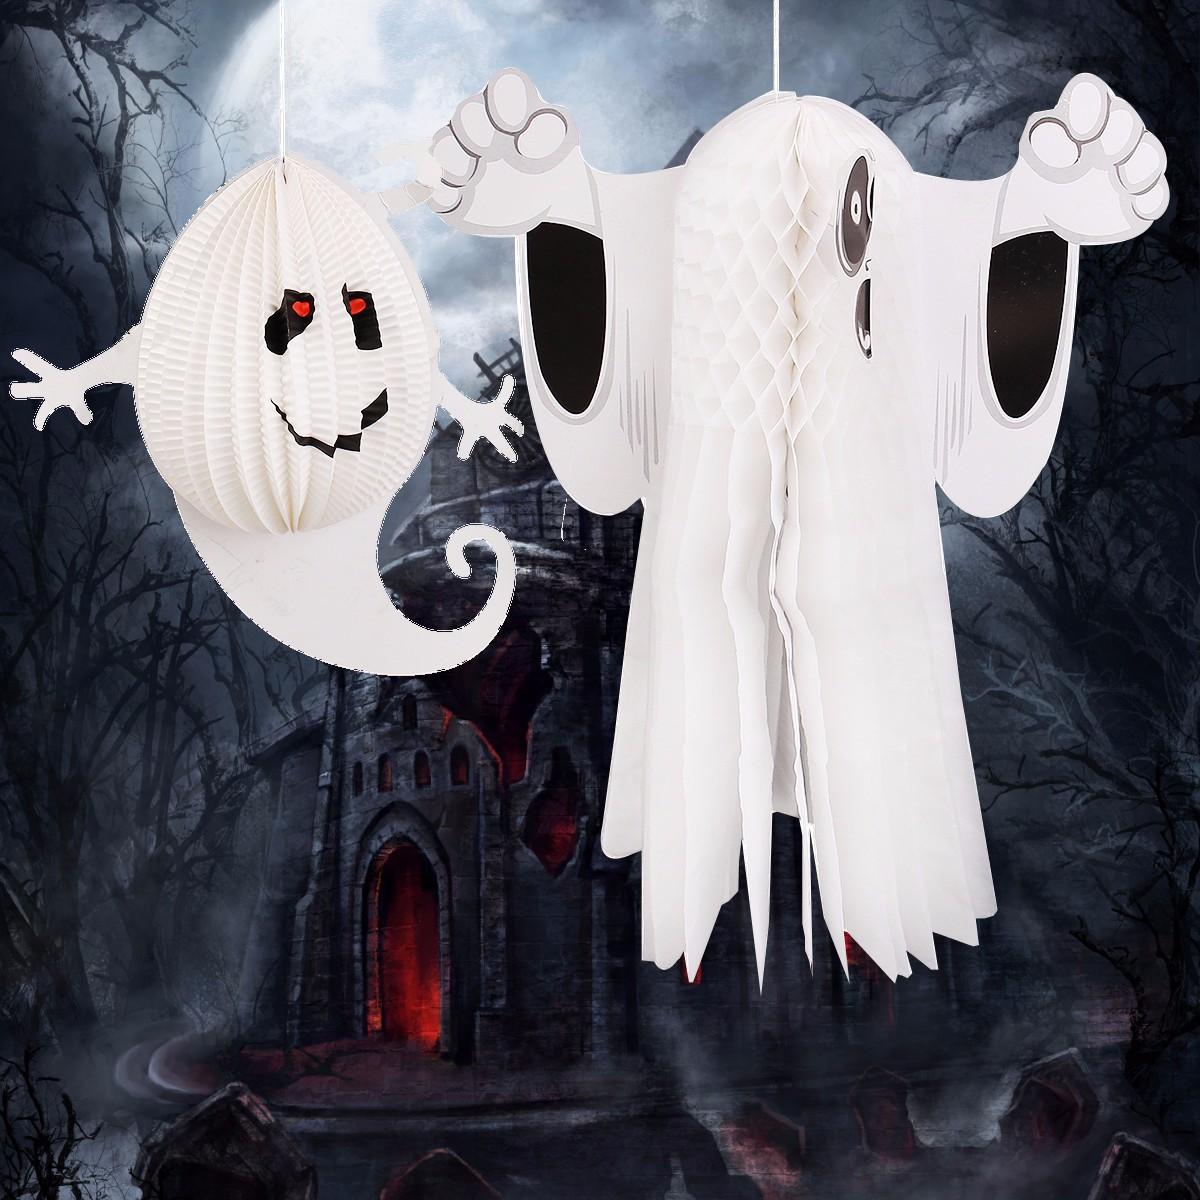 картинки на хэллоуин с приведениями это, первую очередь